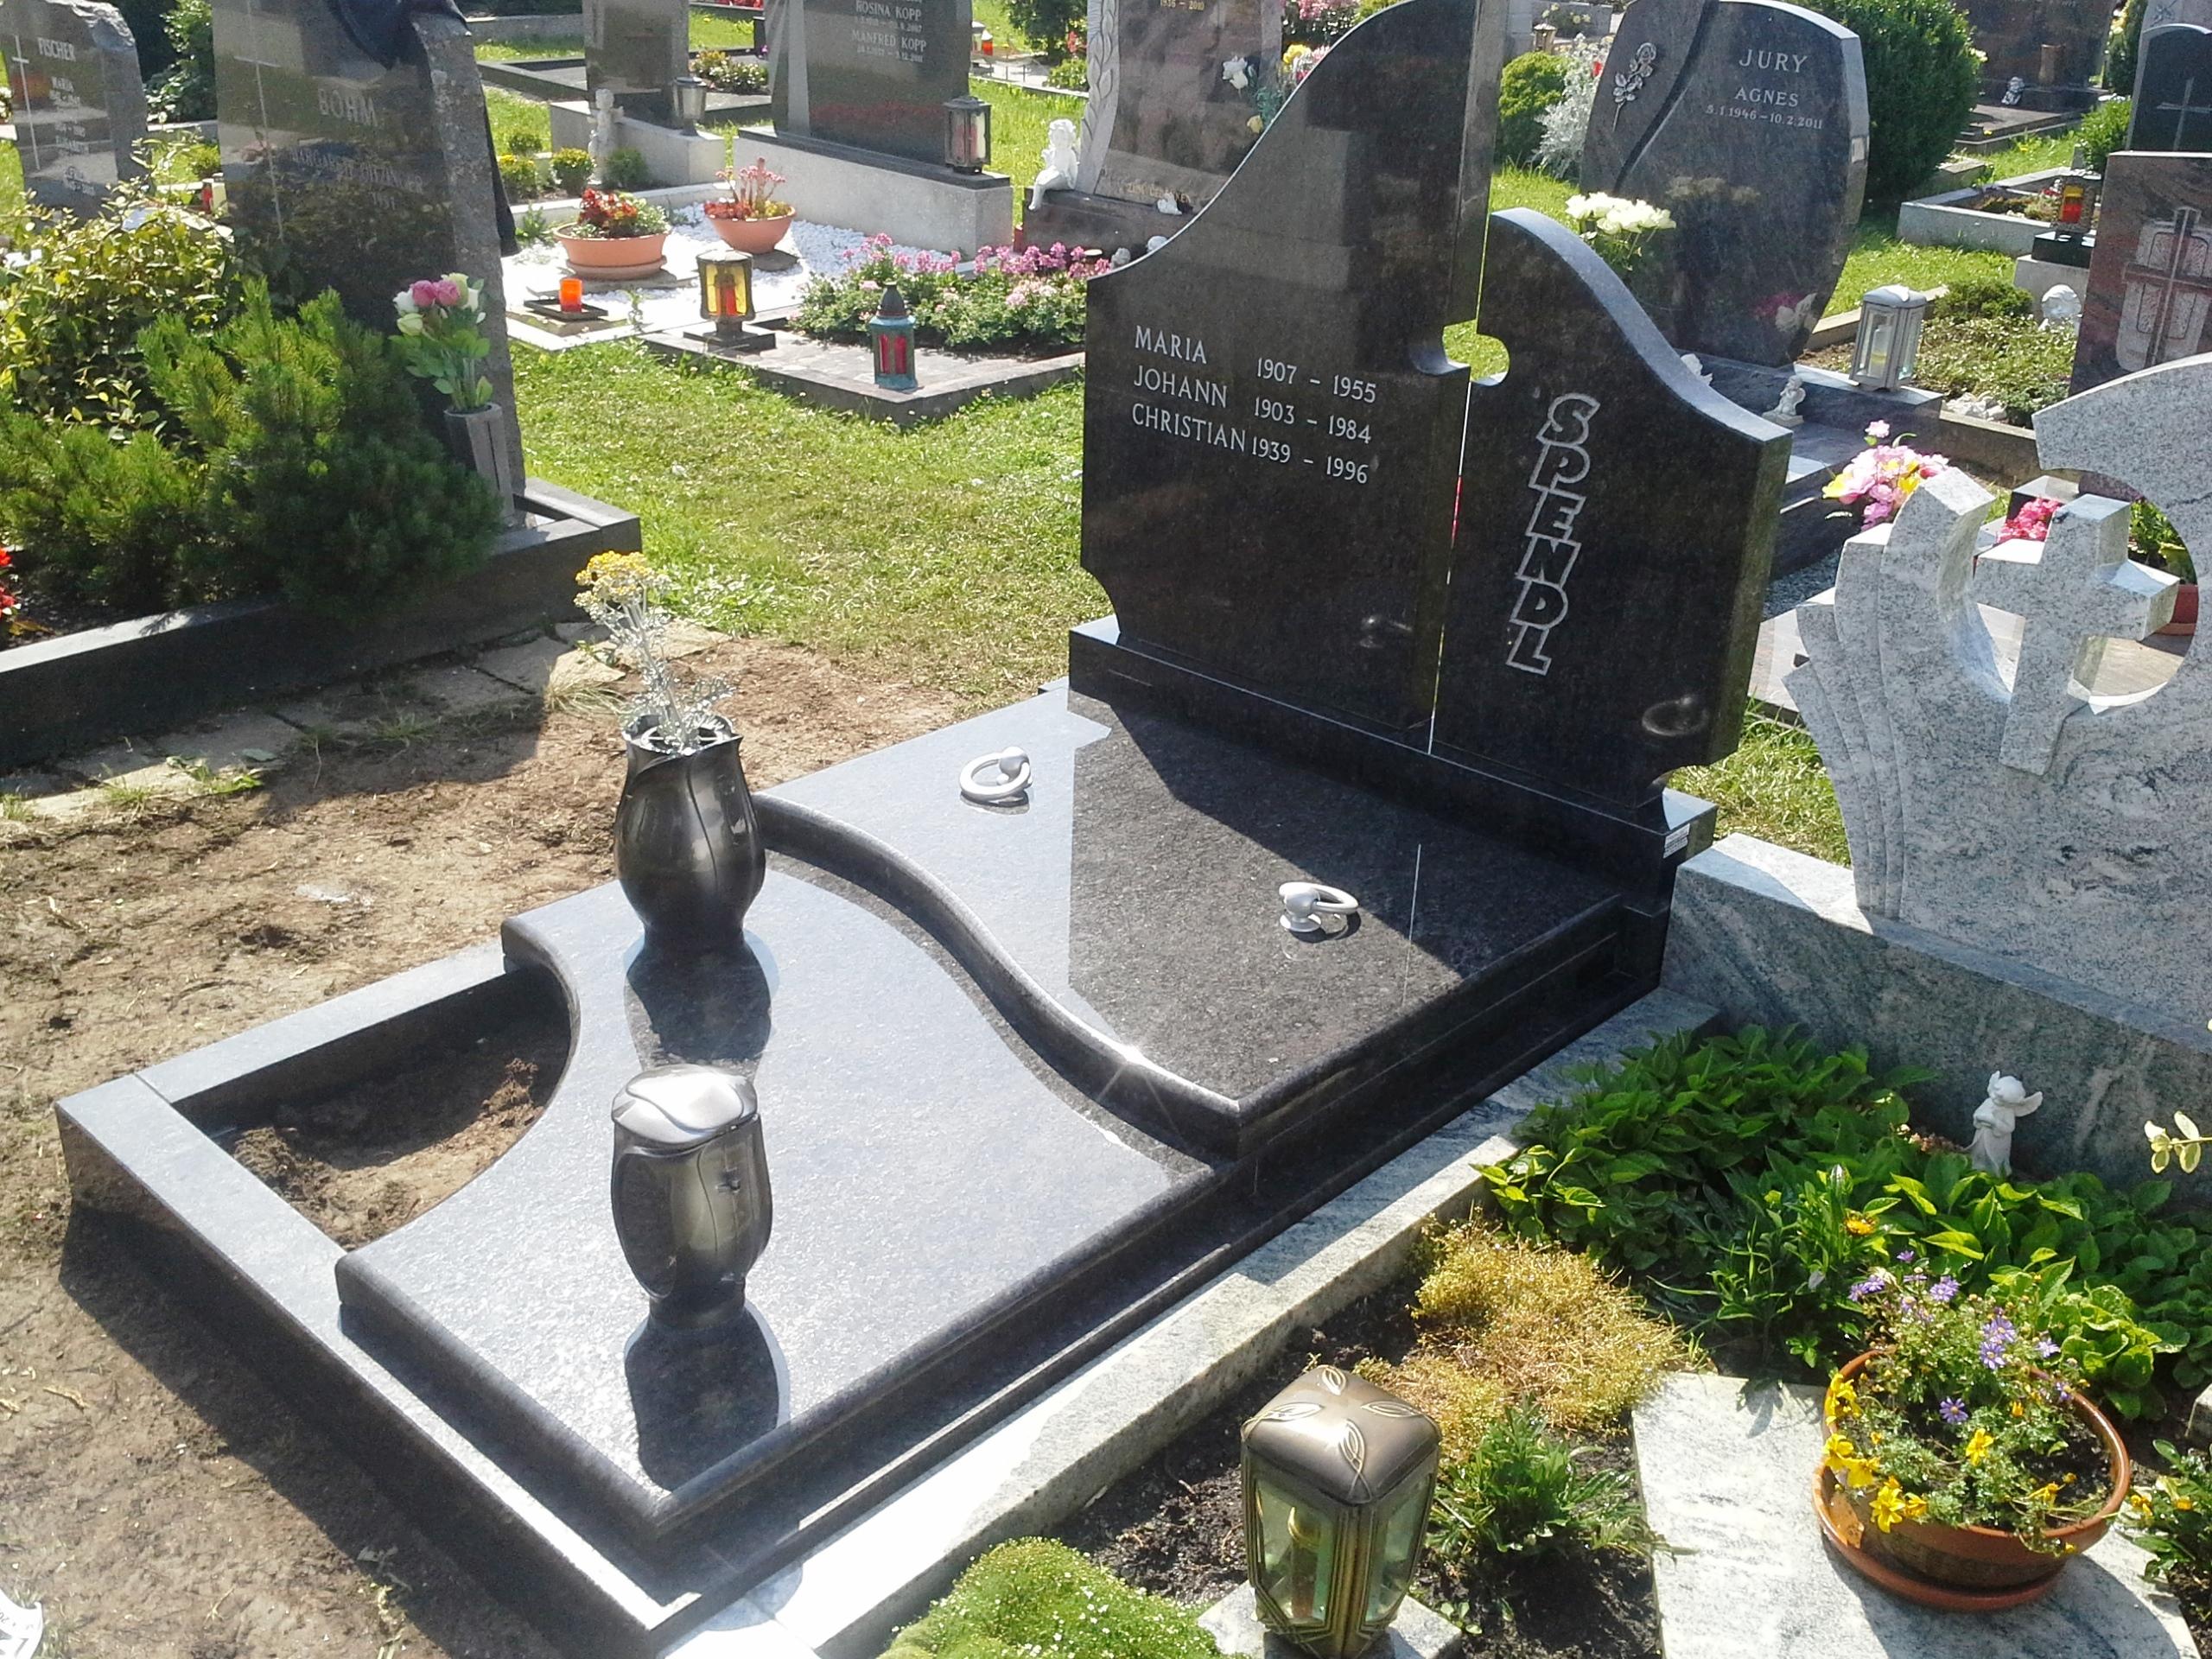 Enojni nagrobnik 3